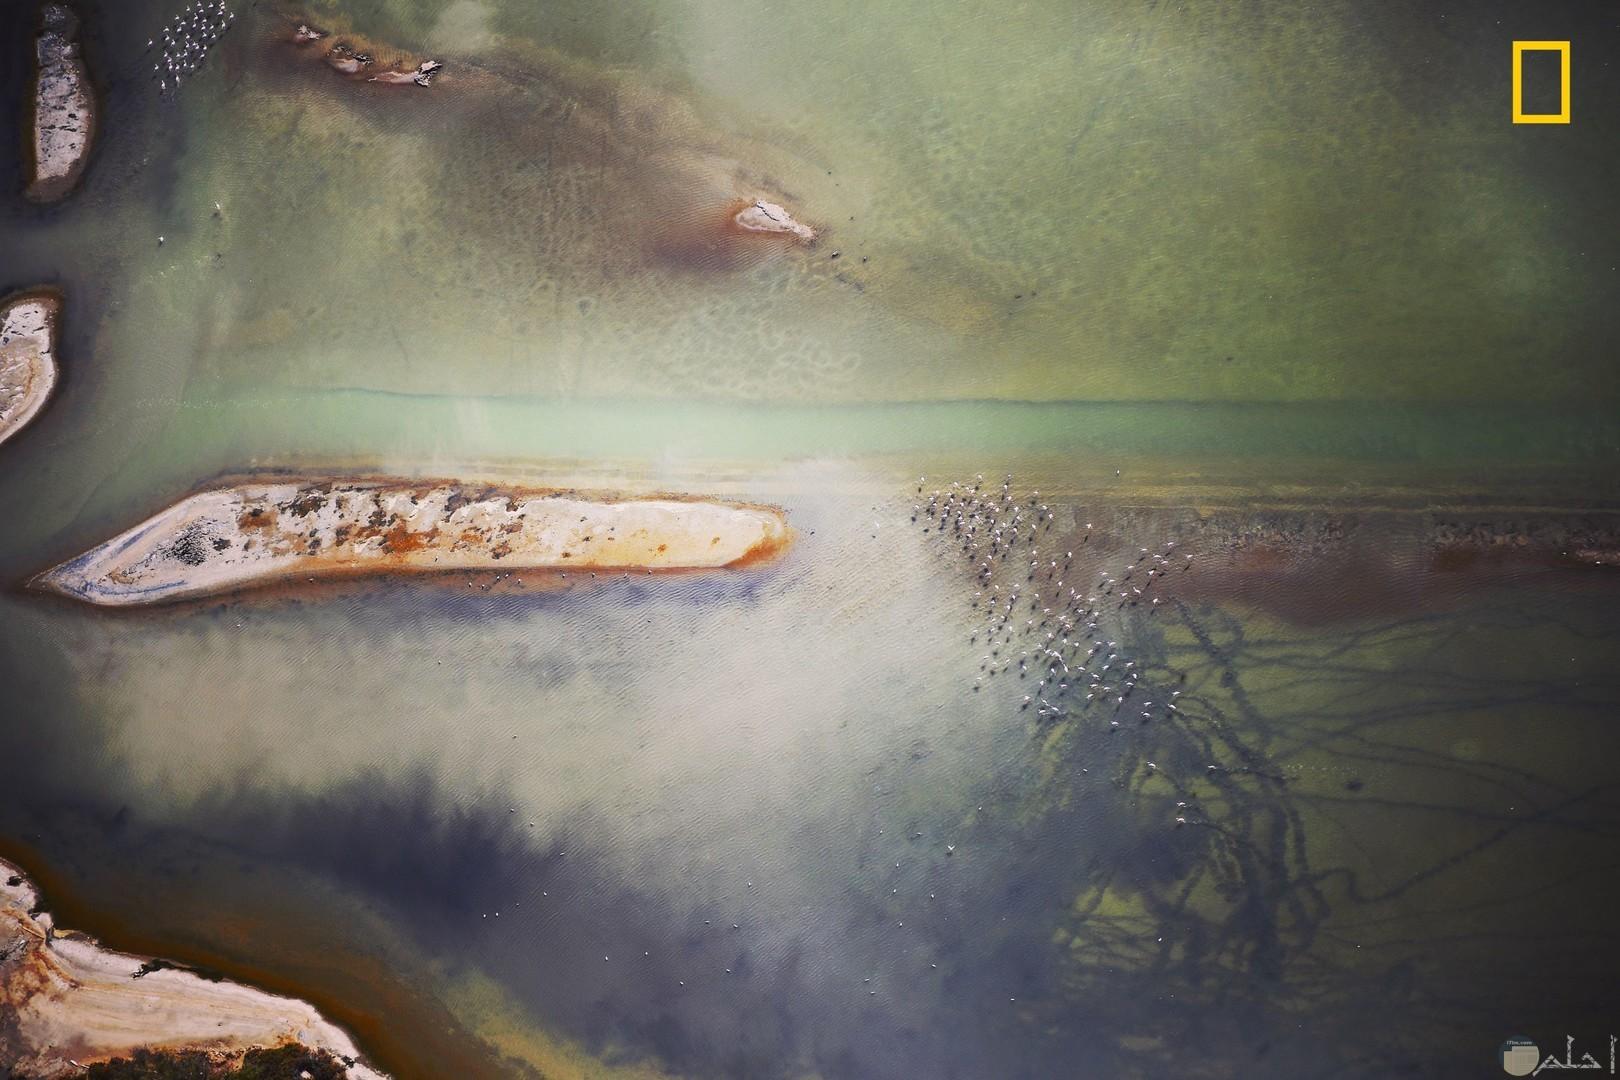 صورة من أرتفاع شاهق لمجرى الماء والخضرة.